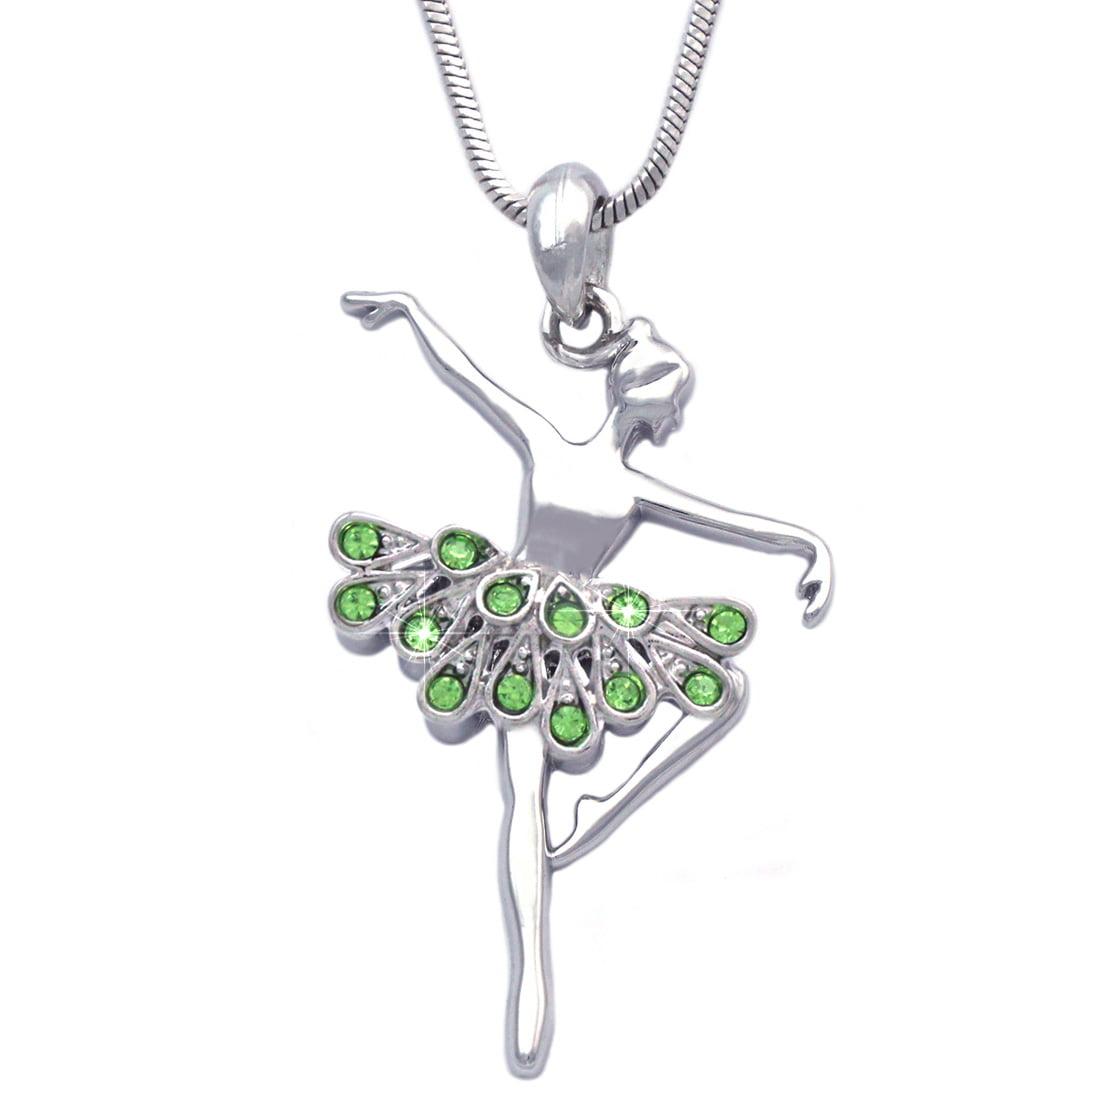 cocojewelry Ballerina Ballet Dancer Dancing Girl Pendant Necklace Jewelry